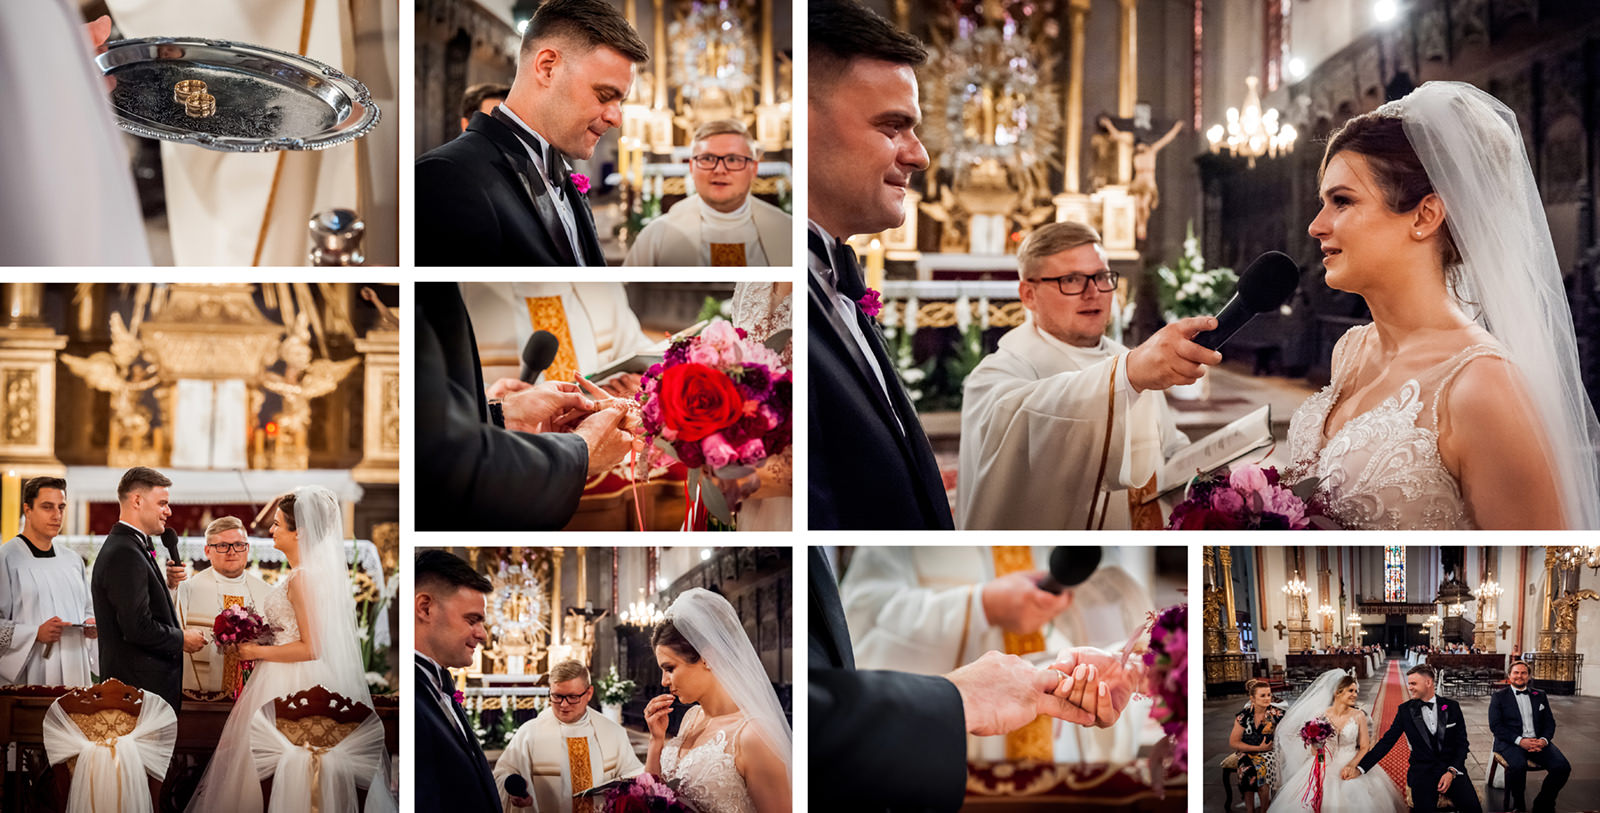 Ważne aby podczas przysięgi małżeńskiej fotograf pokazał zarówno detale obrączek jak i plan ogólny. W reportażu ślubnym powinny znaleźć się zarówno zbliżenia na emocje pary młodej jak i całe sylwetki na tle ołtarza i kapłana udzielającego ślubu. Fotograf Ślubny Gdańsk Sopot Gdynia Rafał Kowalski